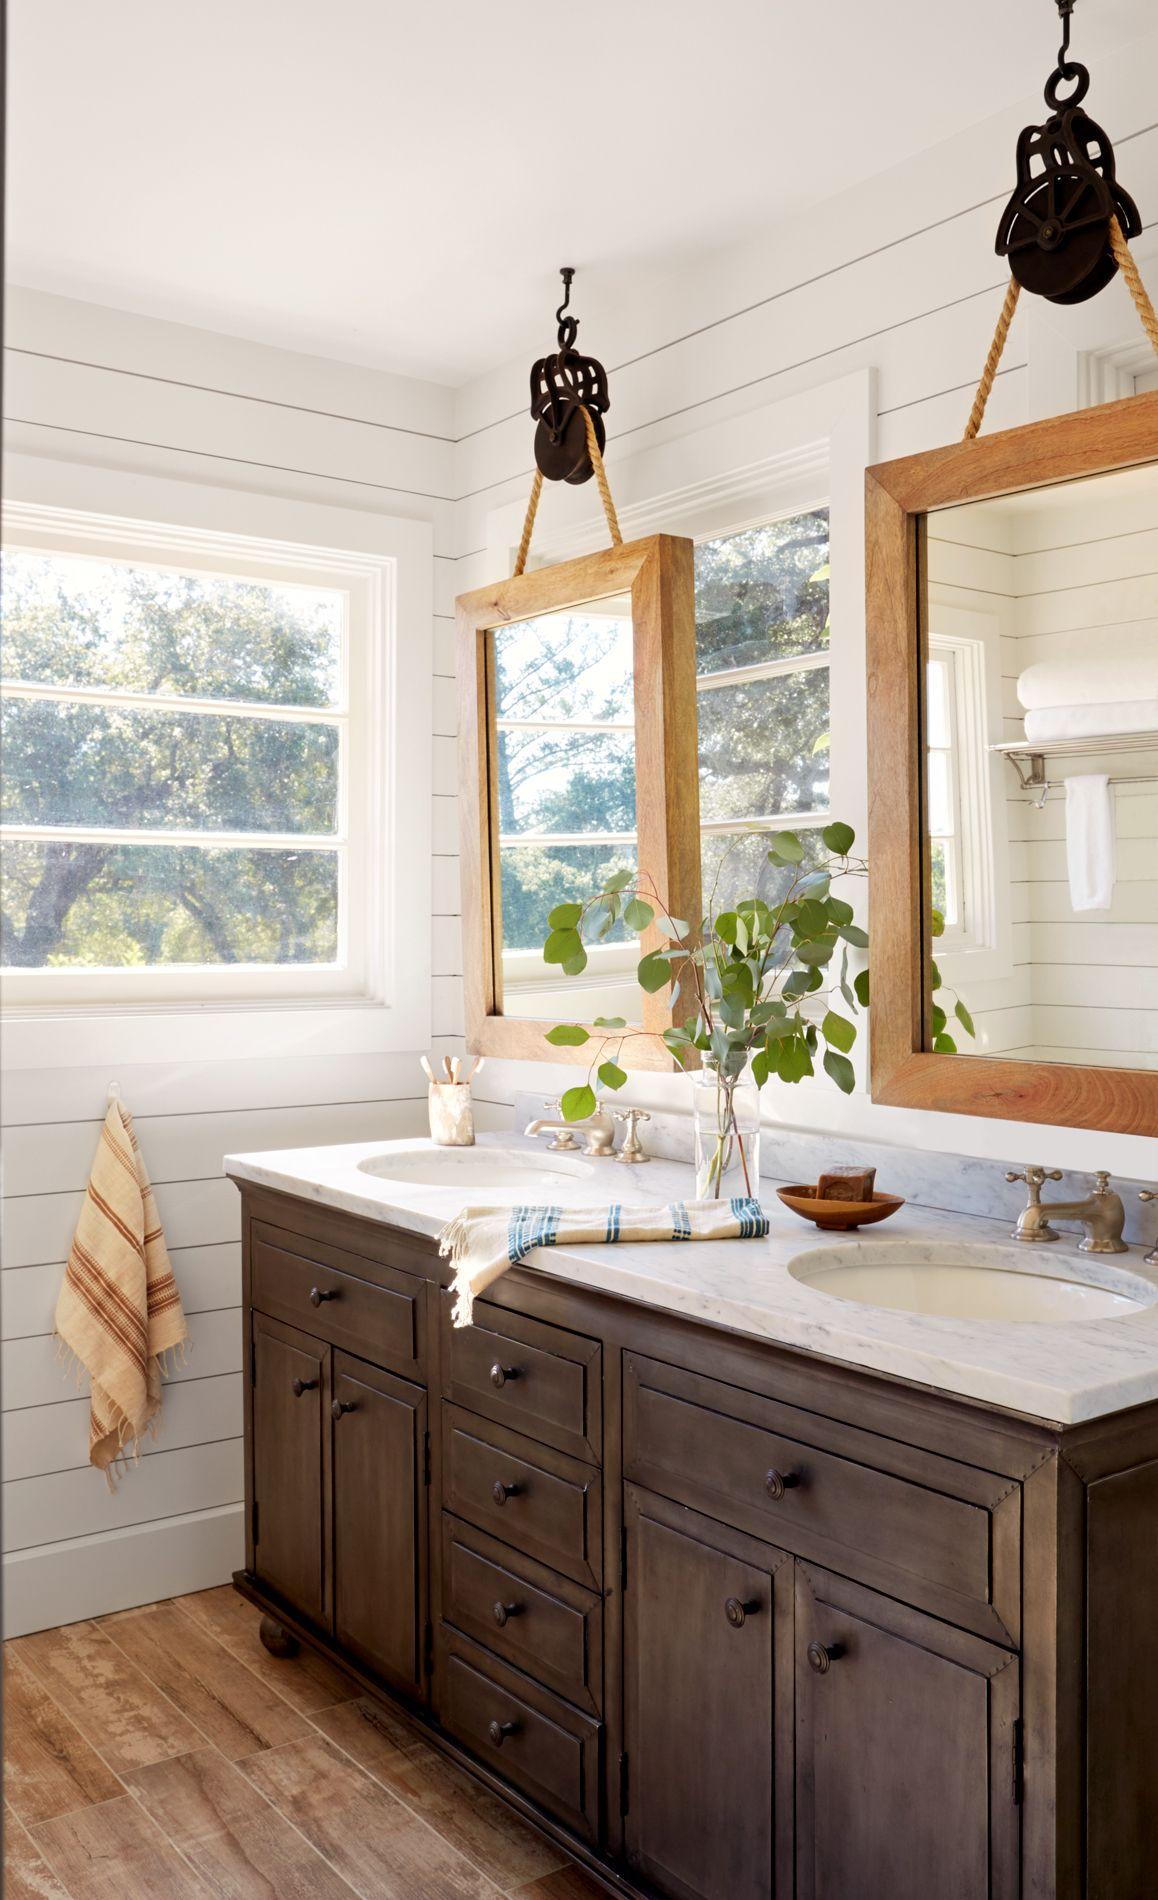 65 Kreative Badezimmer Ideen Fur Ihr Modernes Bad Badezimmer Zenideen Badezimmereinrichtung Schone Badezimmer Bad Styling